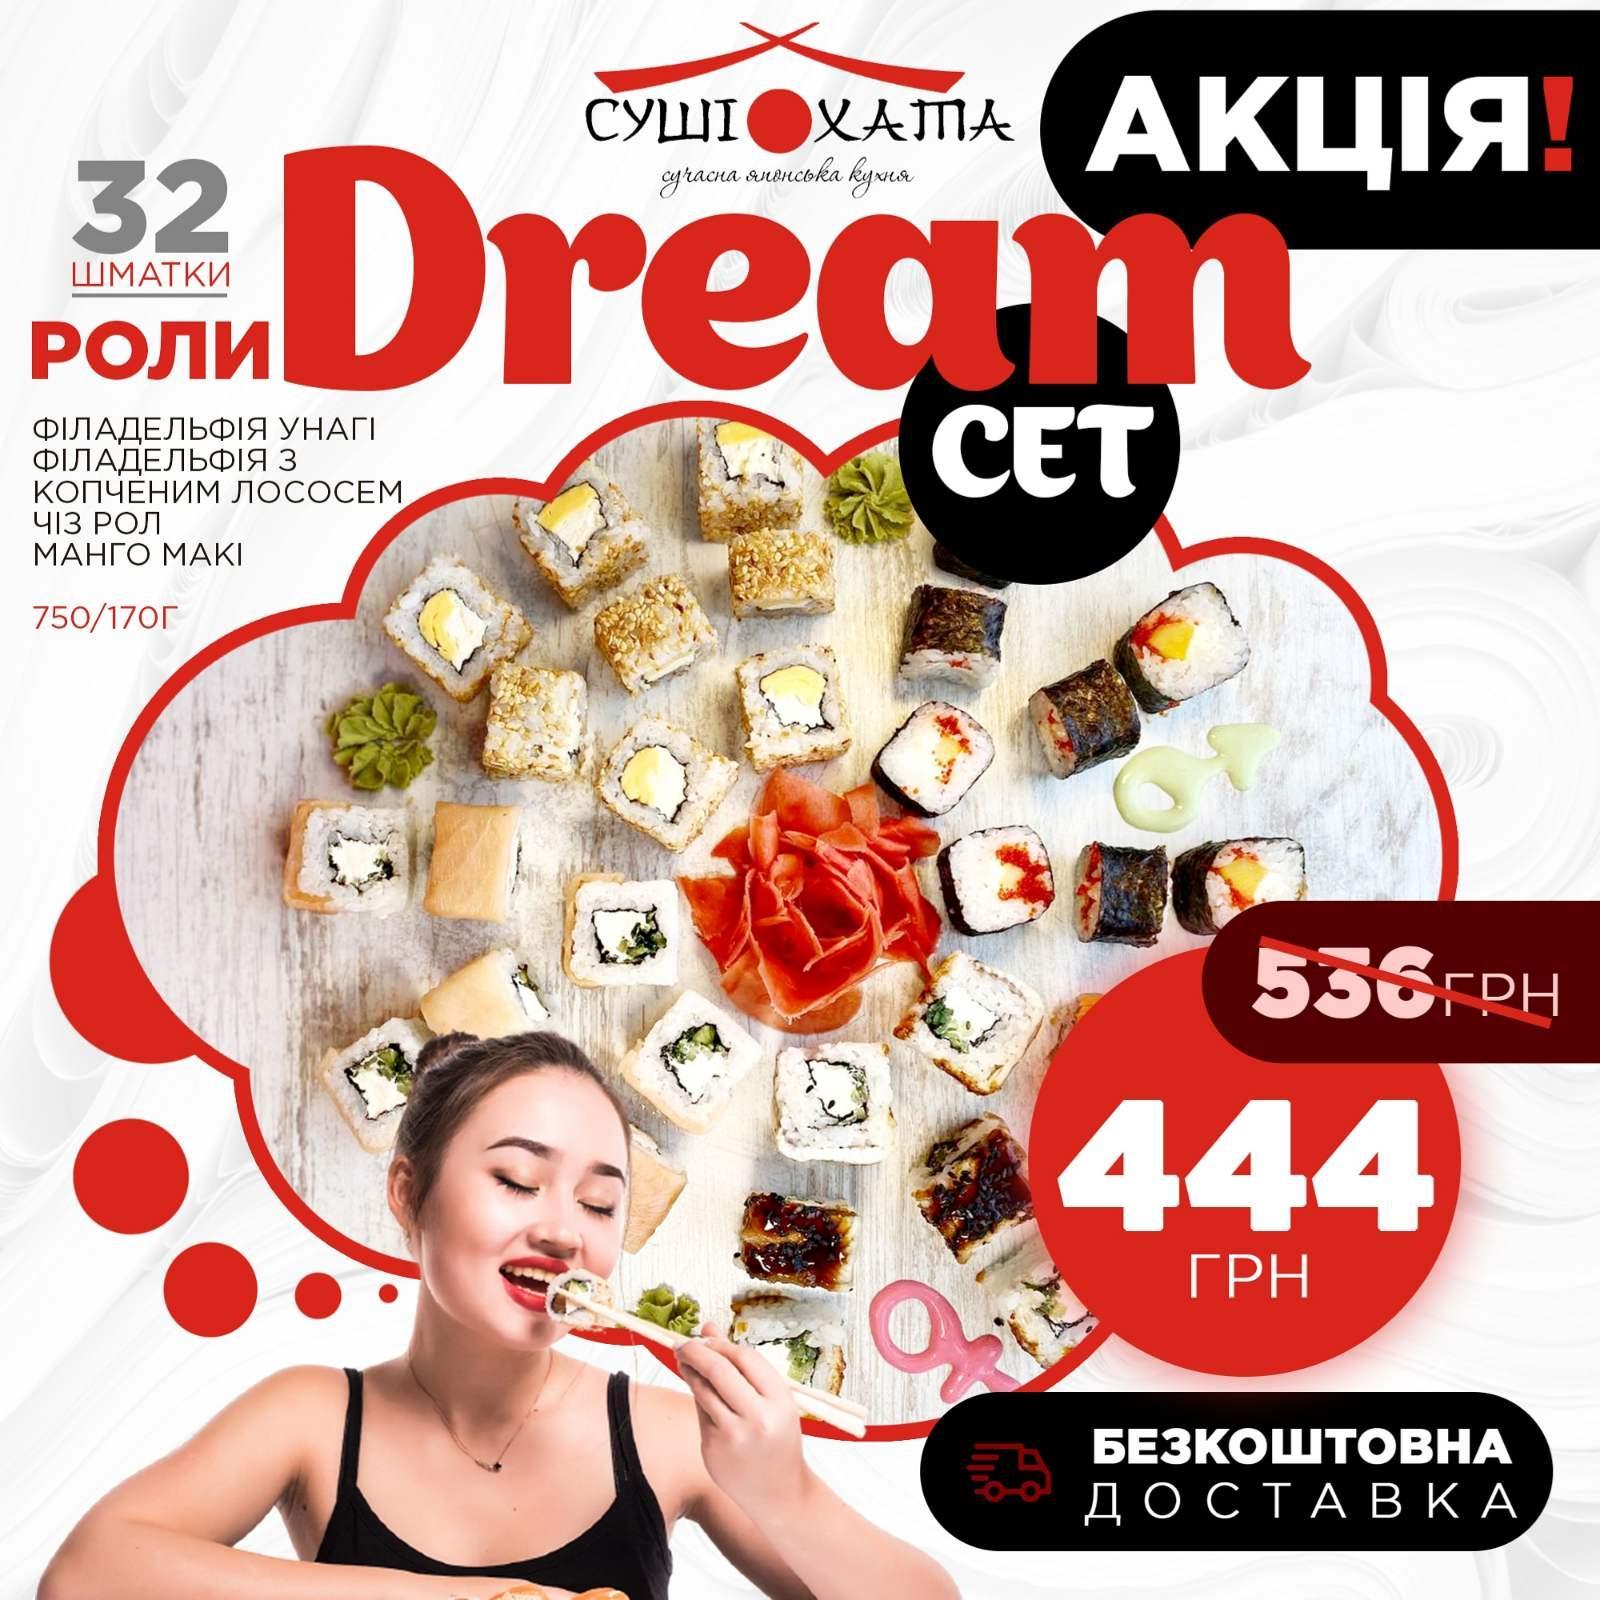 Dream-Сет